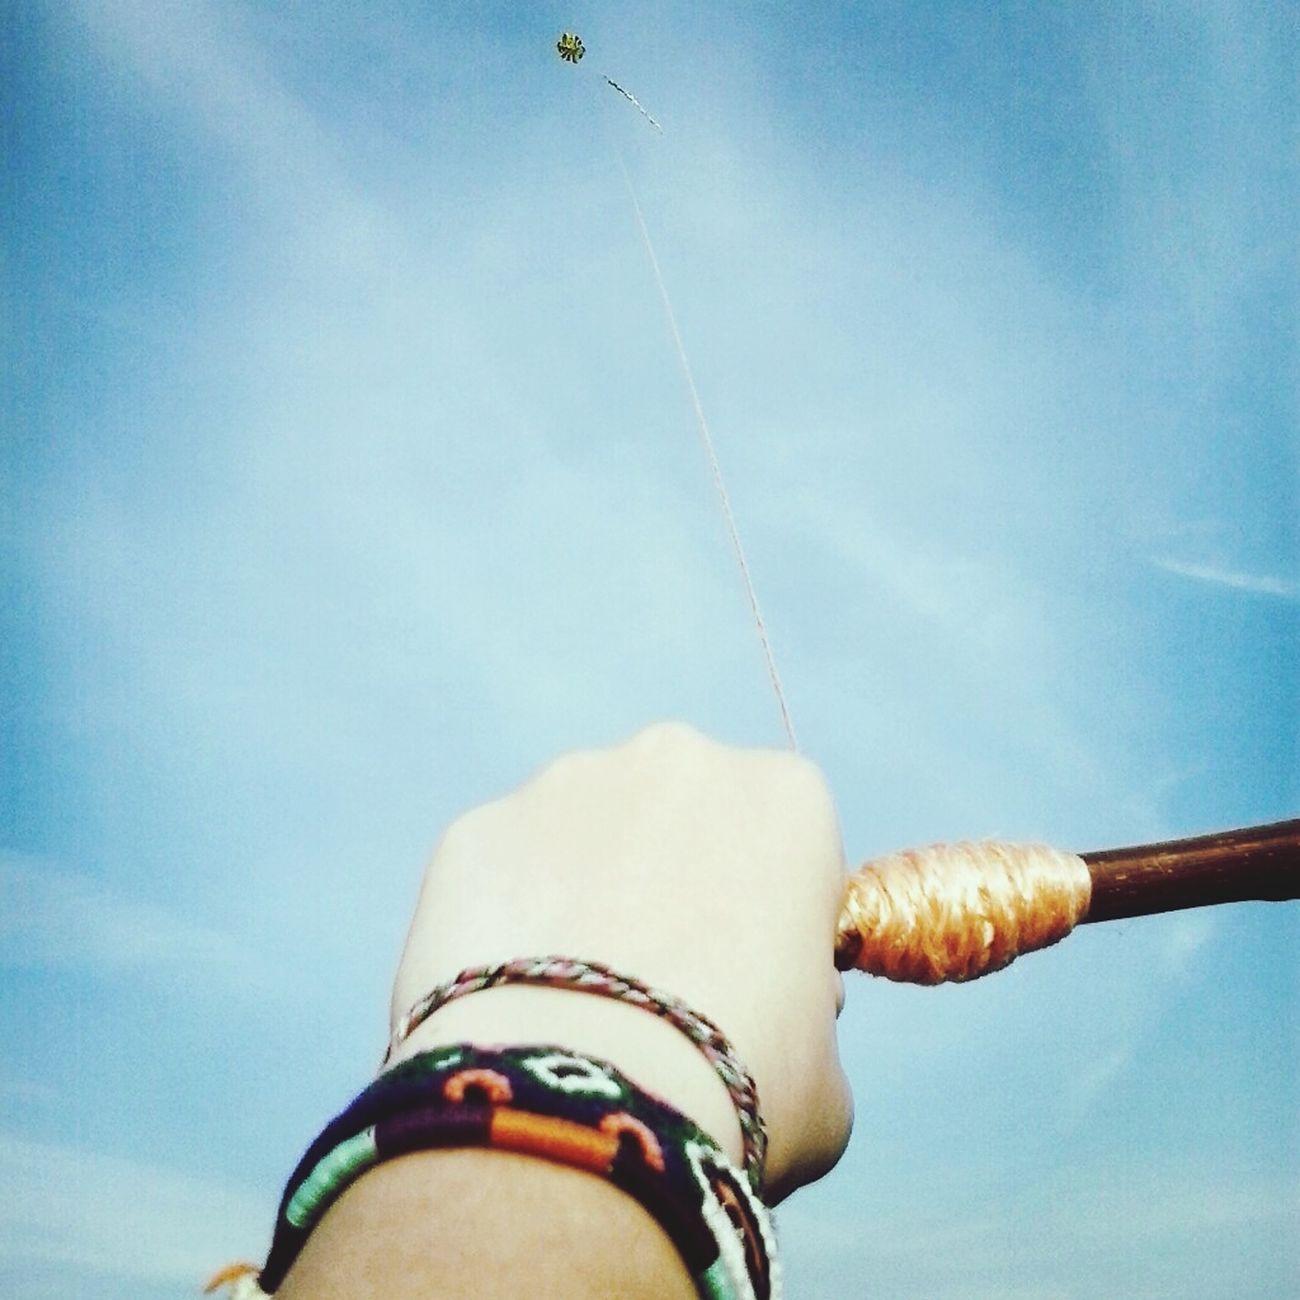 Uçurtma Crazy Funny Flying A Kite Go Fly A Kite#f4f